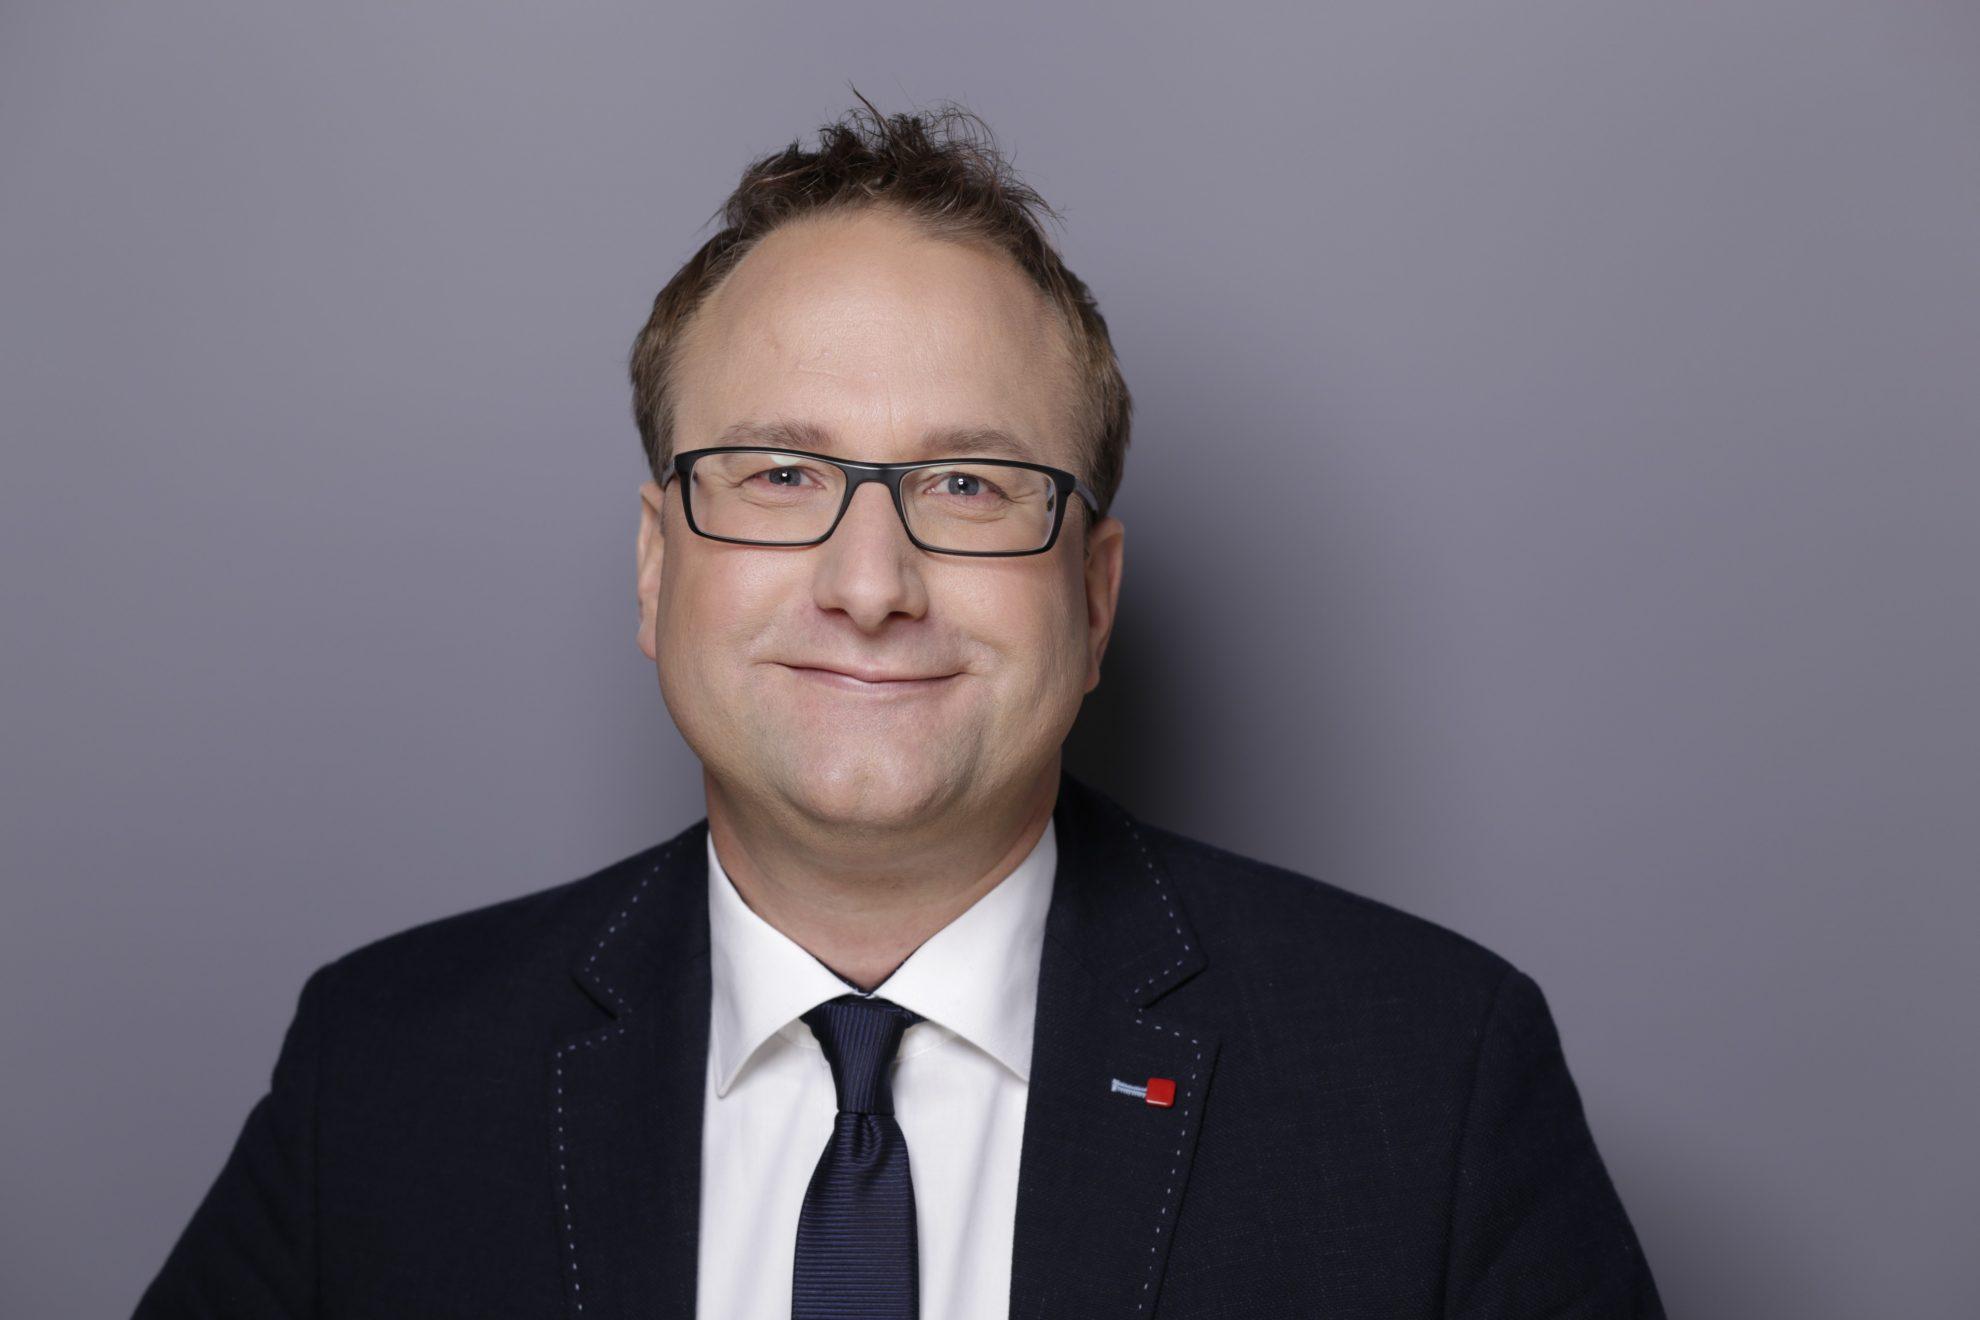 Thorsten Rupp